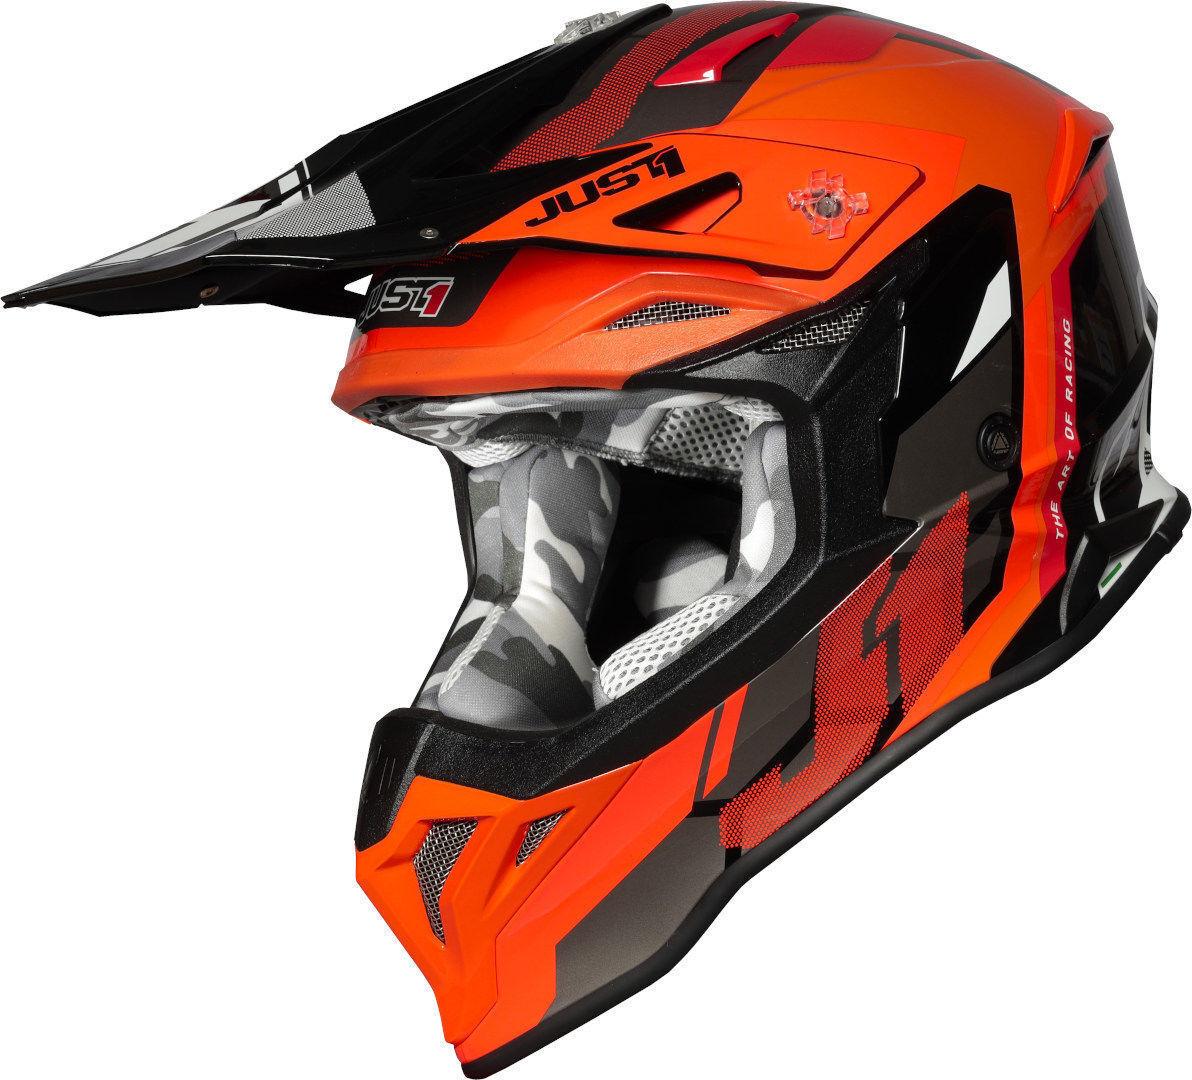 Just1 J39 Reactor Motocross kypärä  - Musta Oranssi - Size: XL